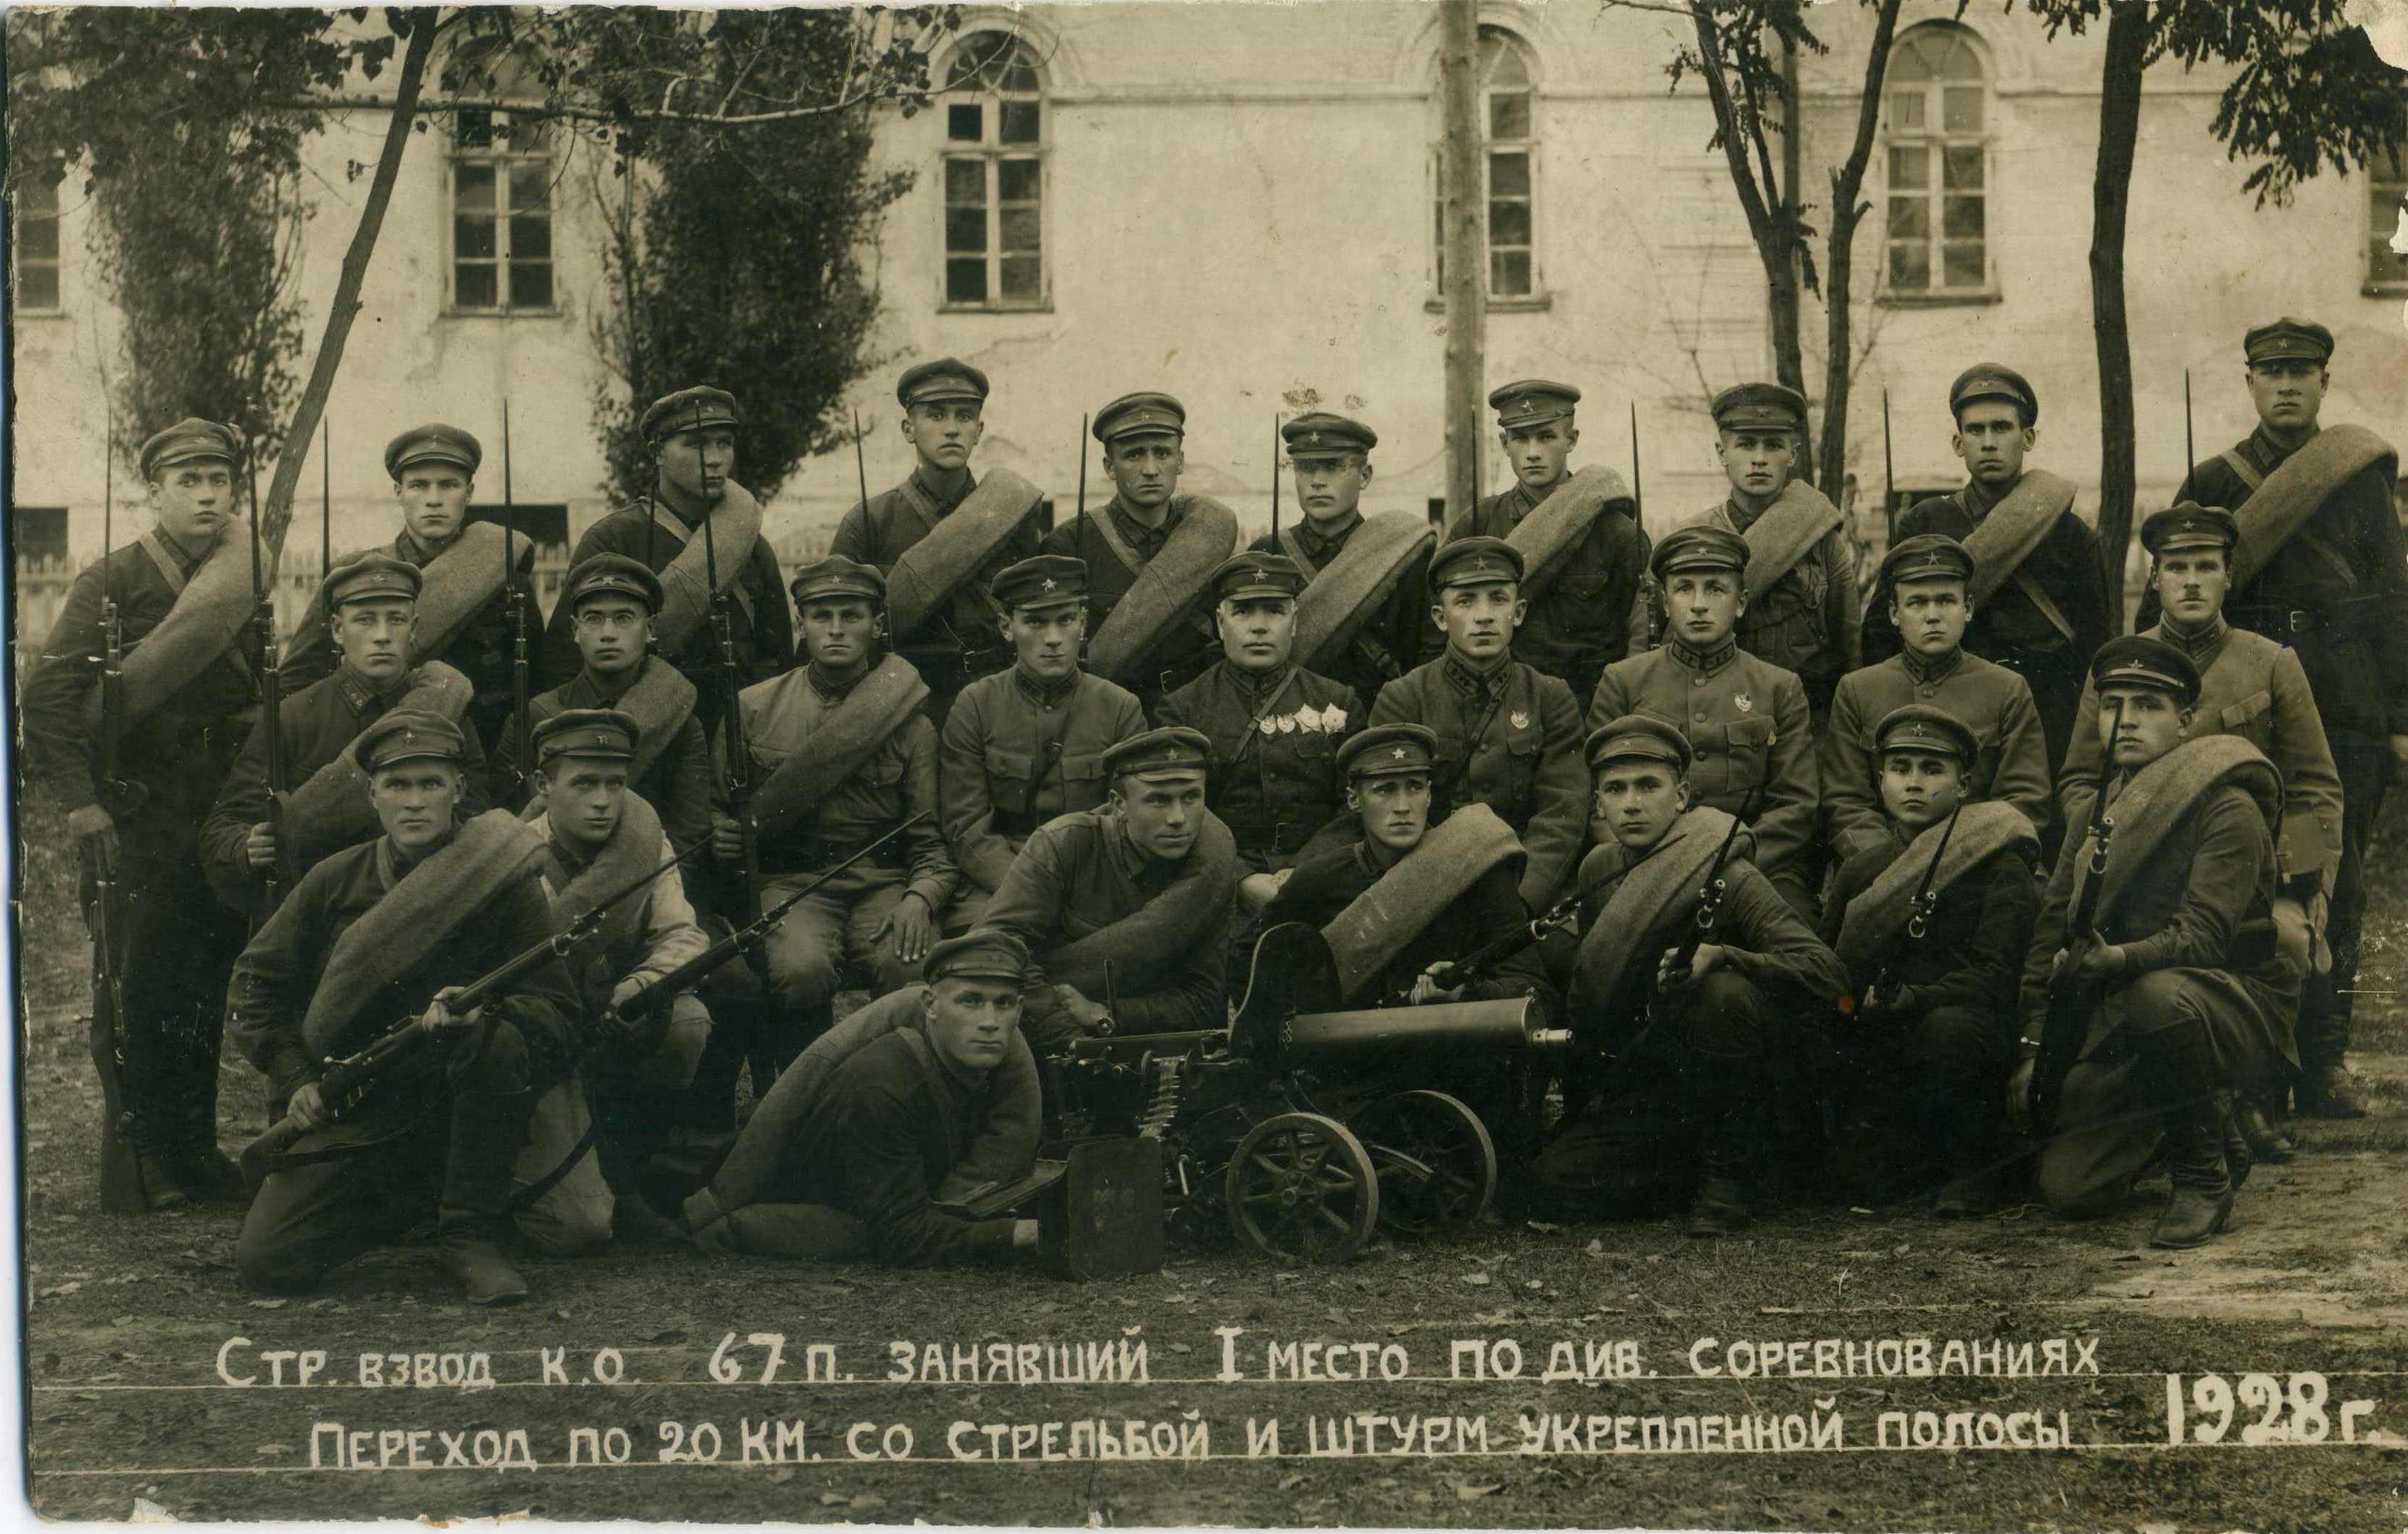 1928. Стр.взвод к.о. 67 п. занявший I место по див. соревнованиях